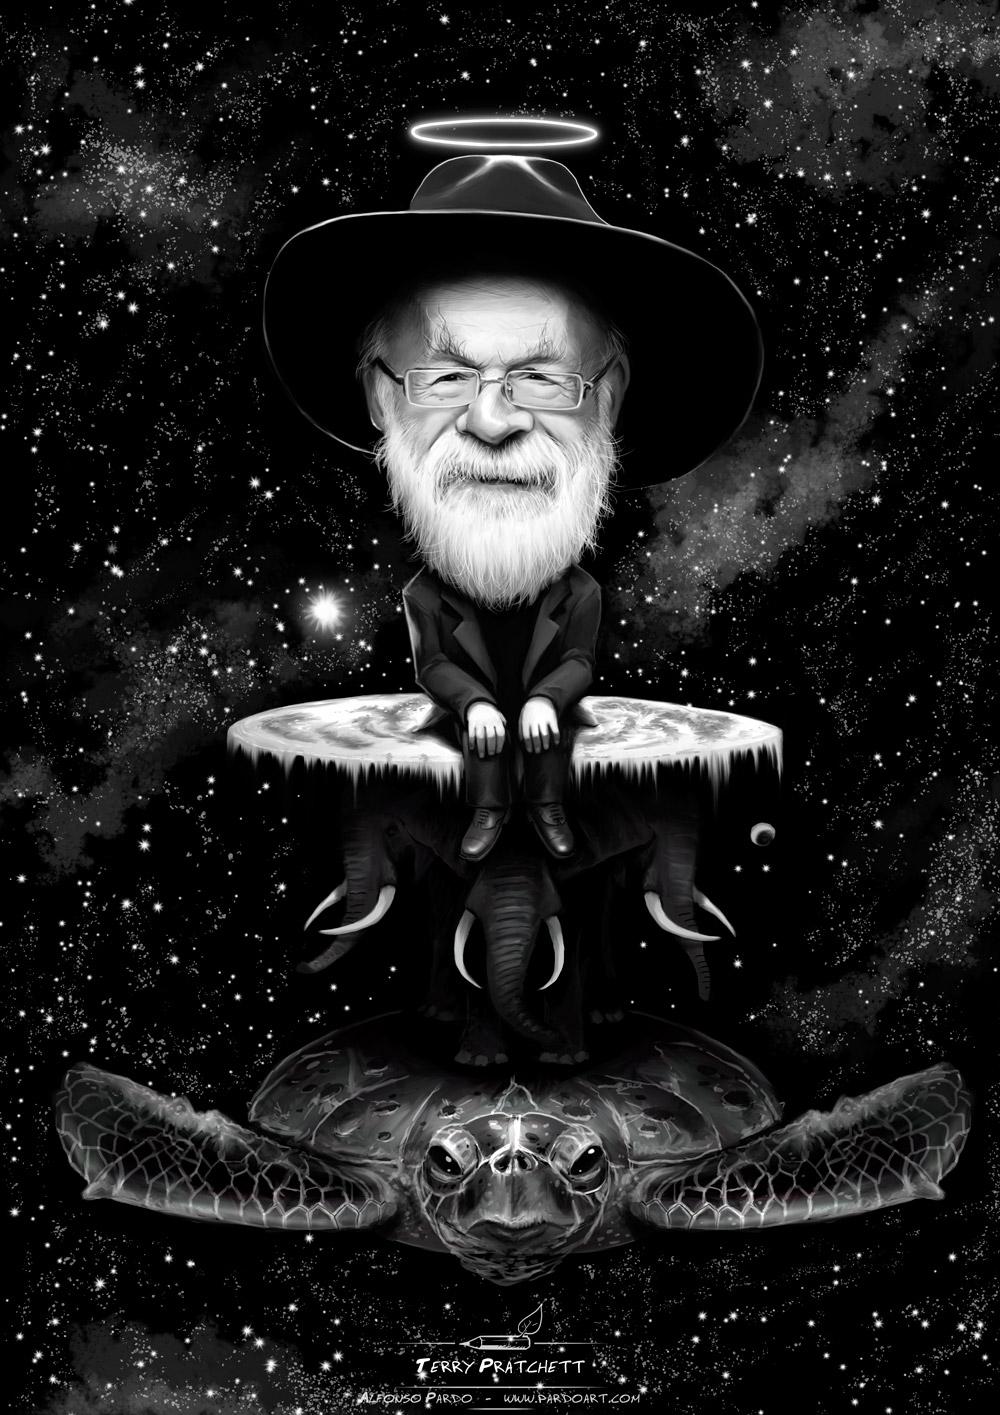 Art by Alfonso Pardo Martínez